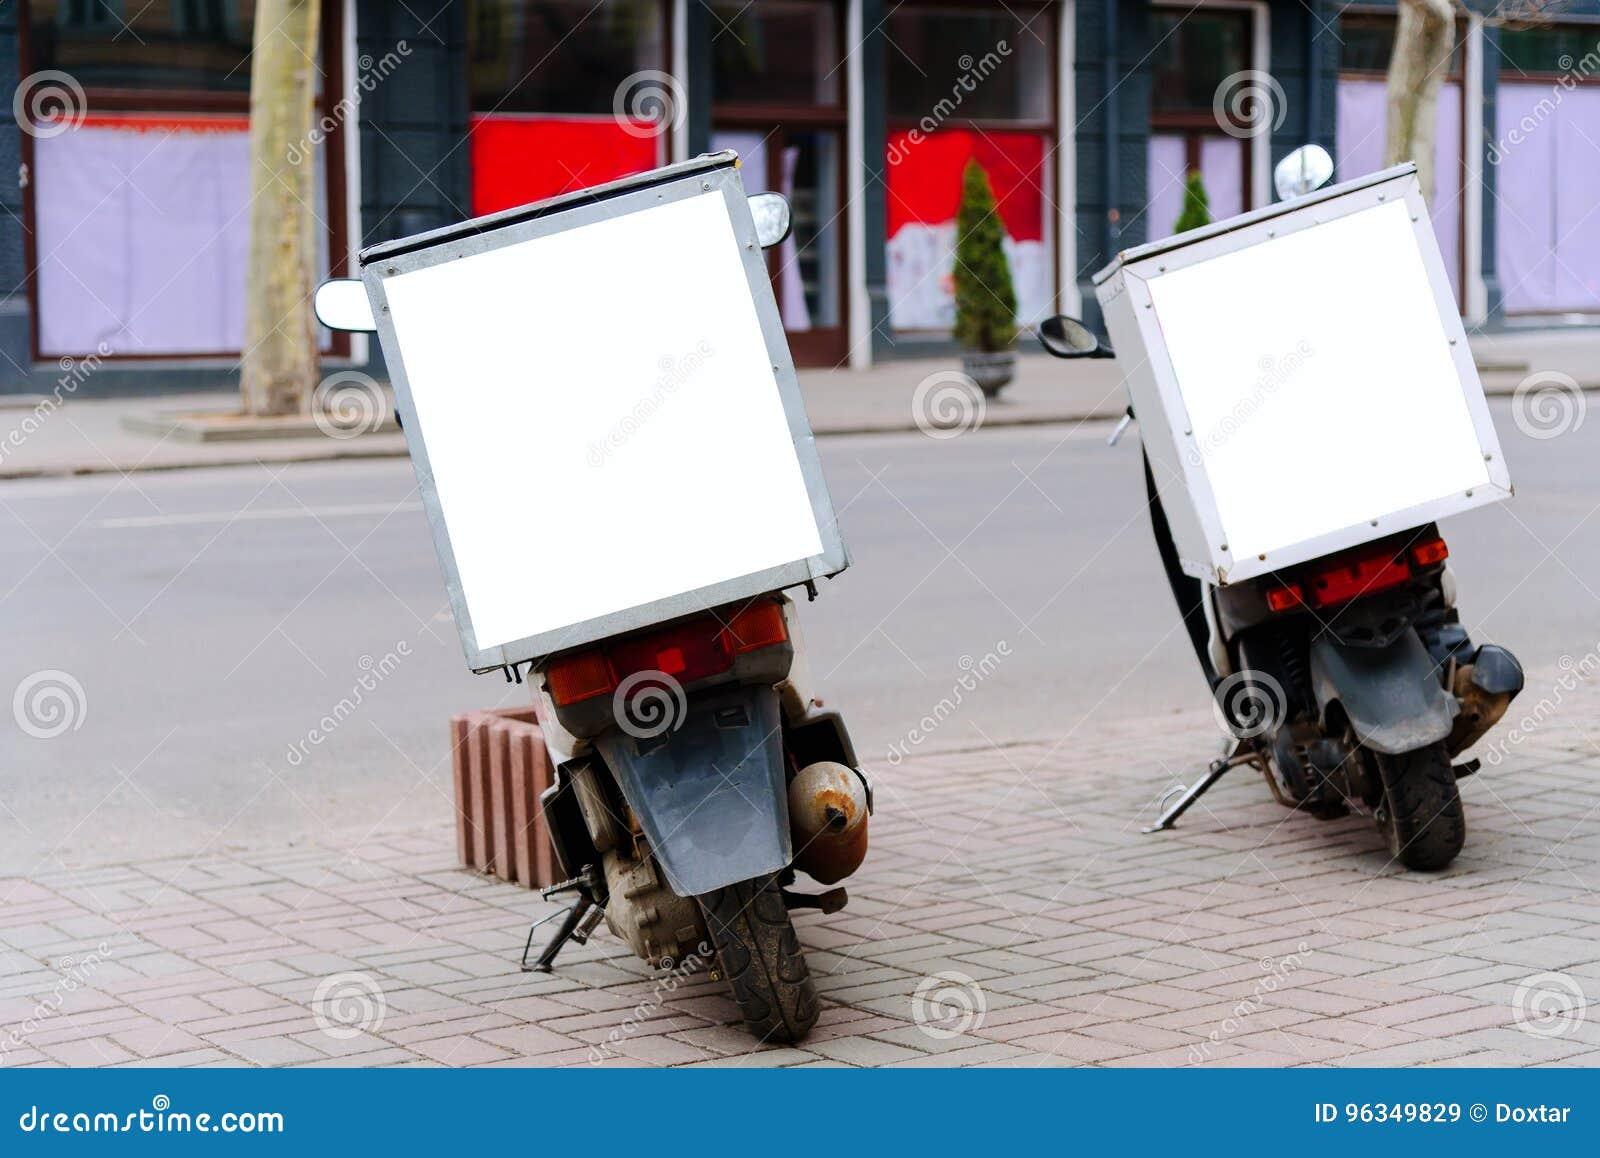 脚踏车送货服务在路旁,背面图停放了